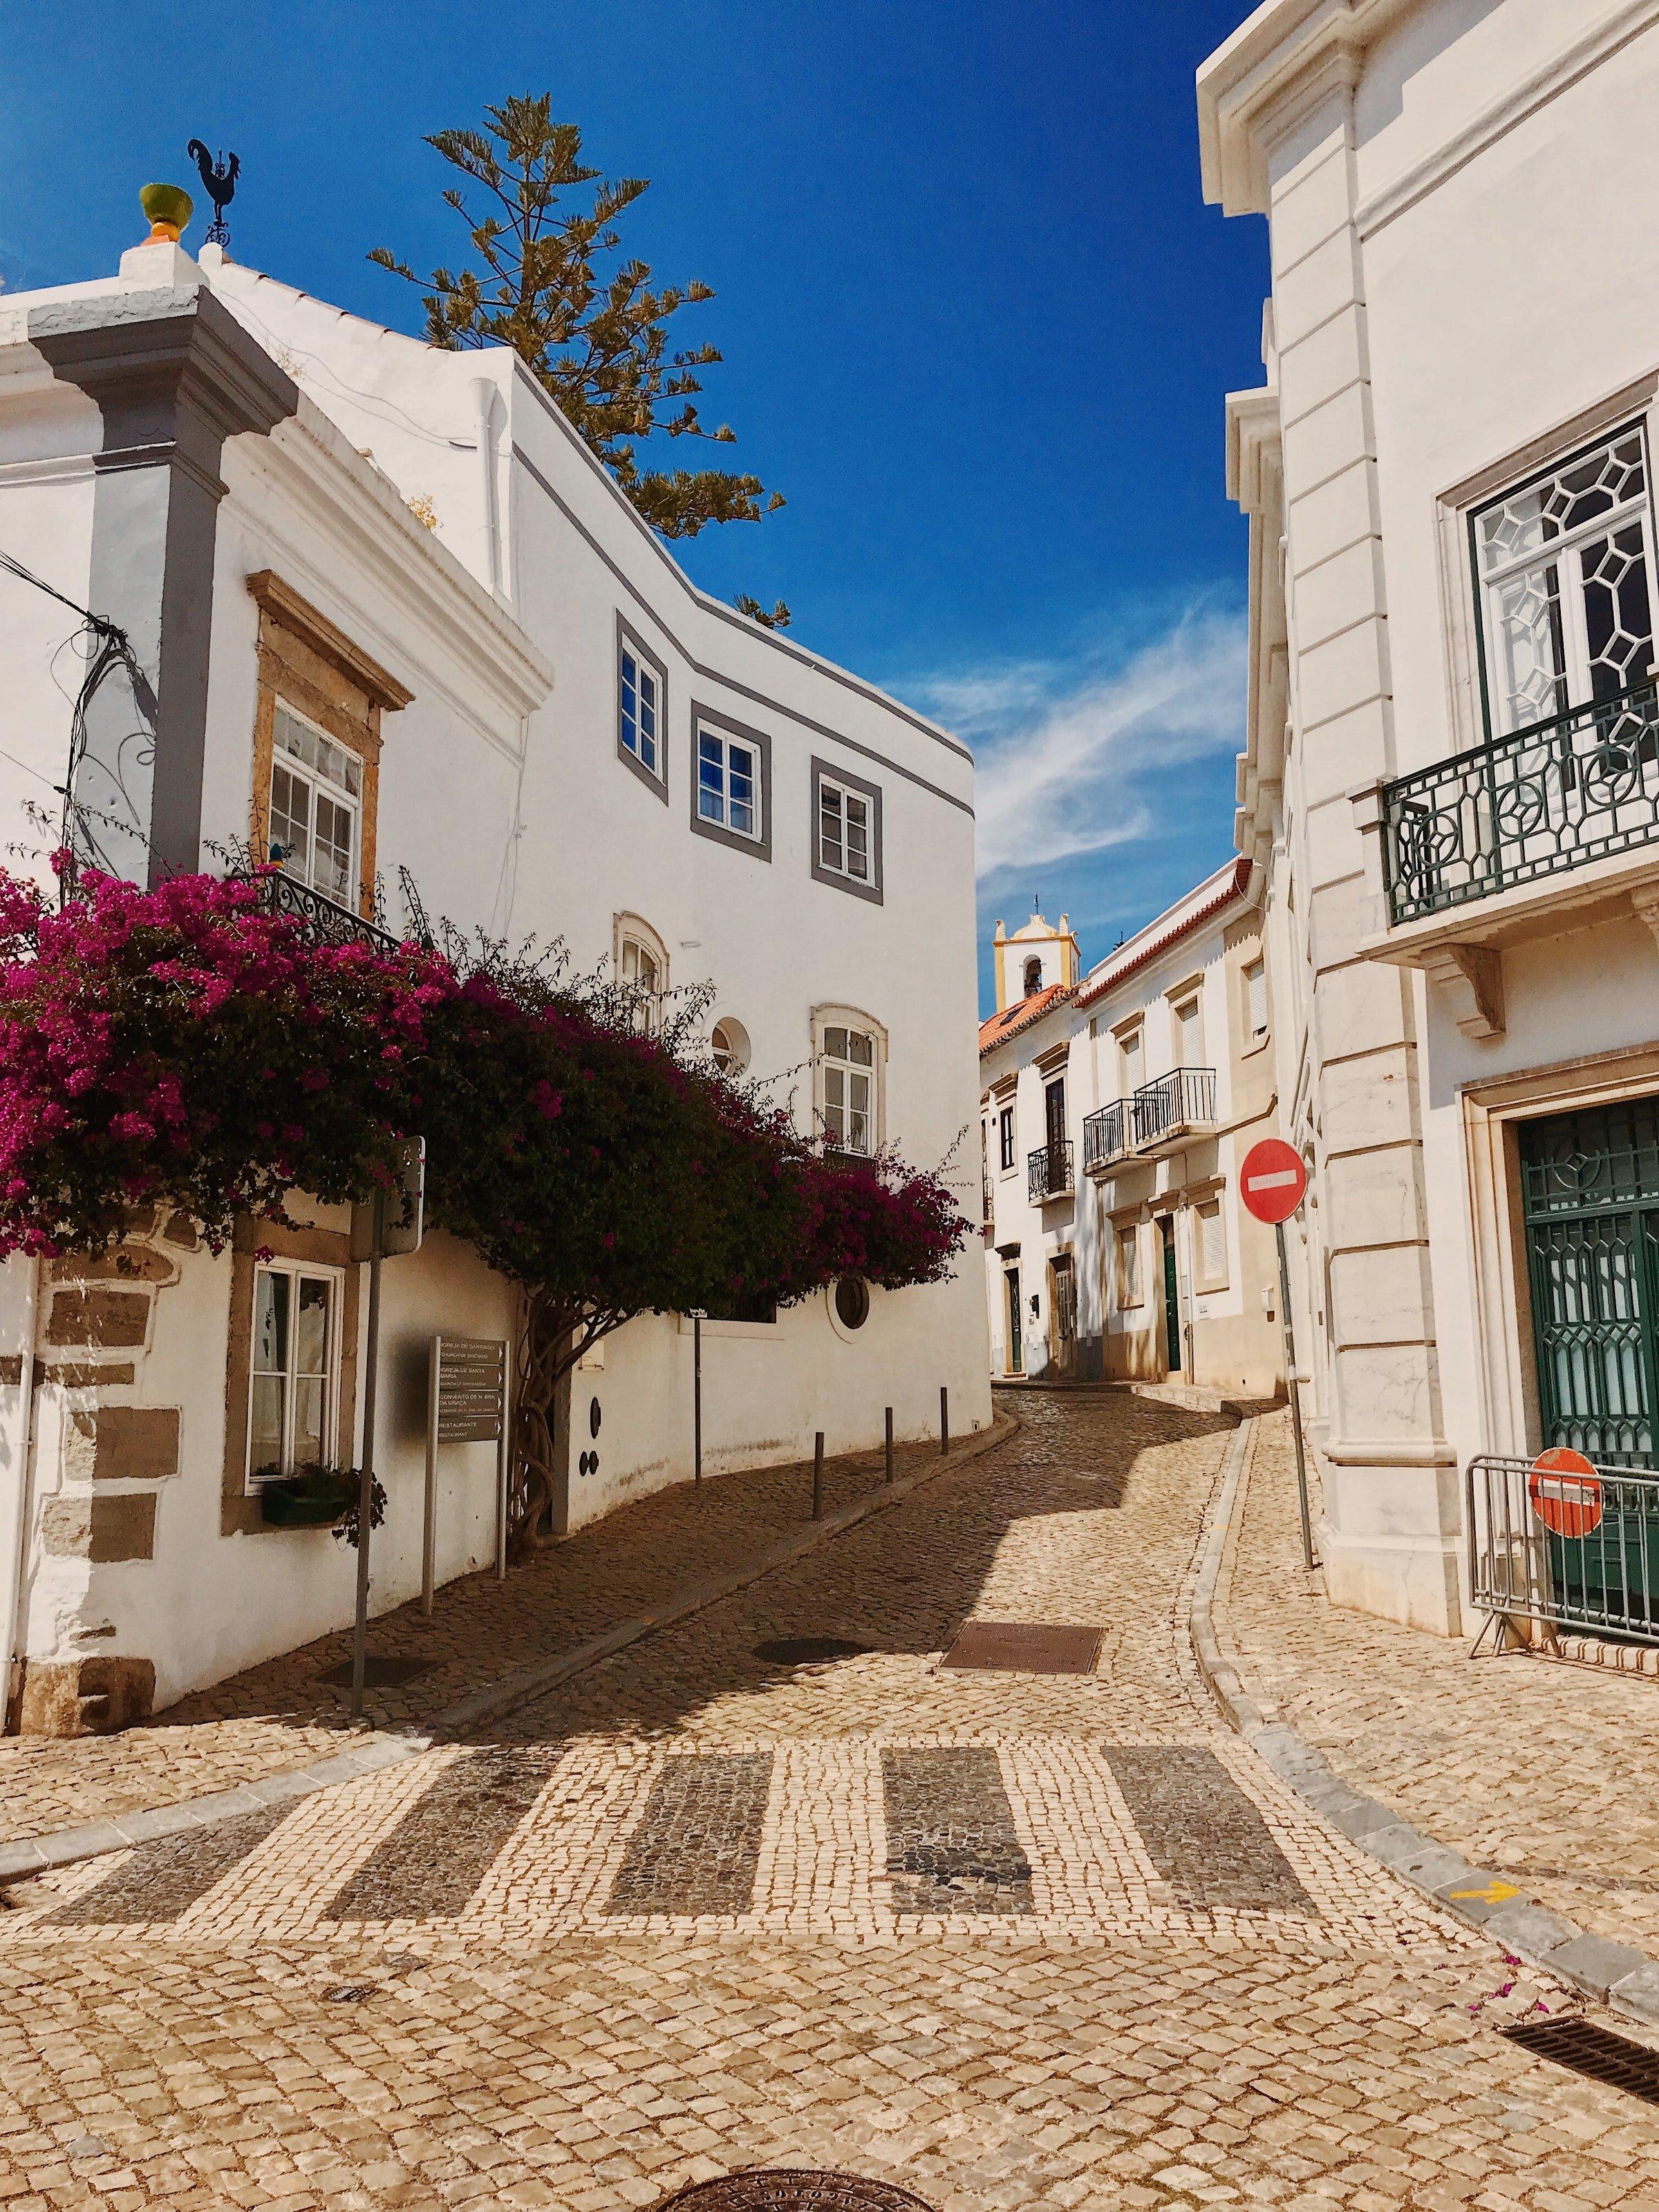 Tavira's old town